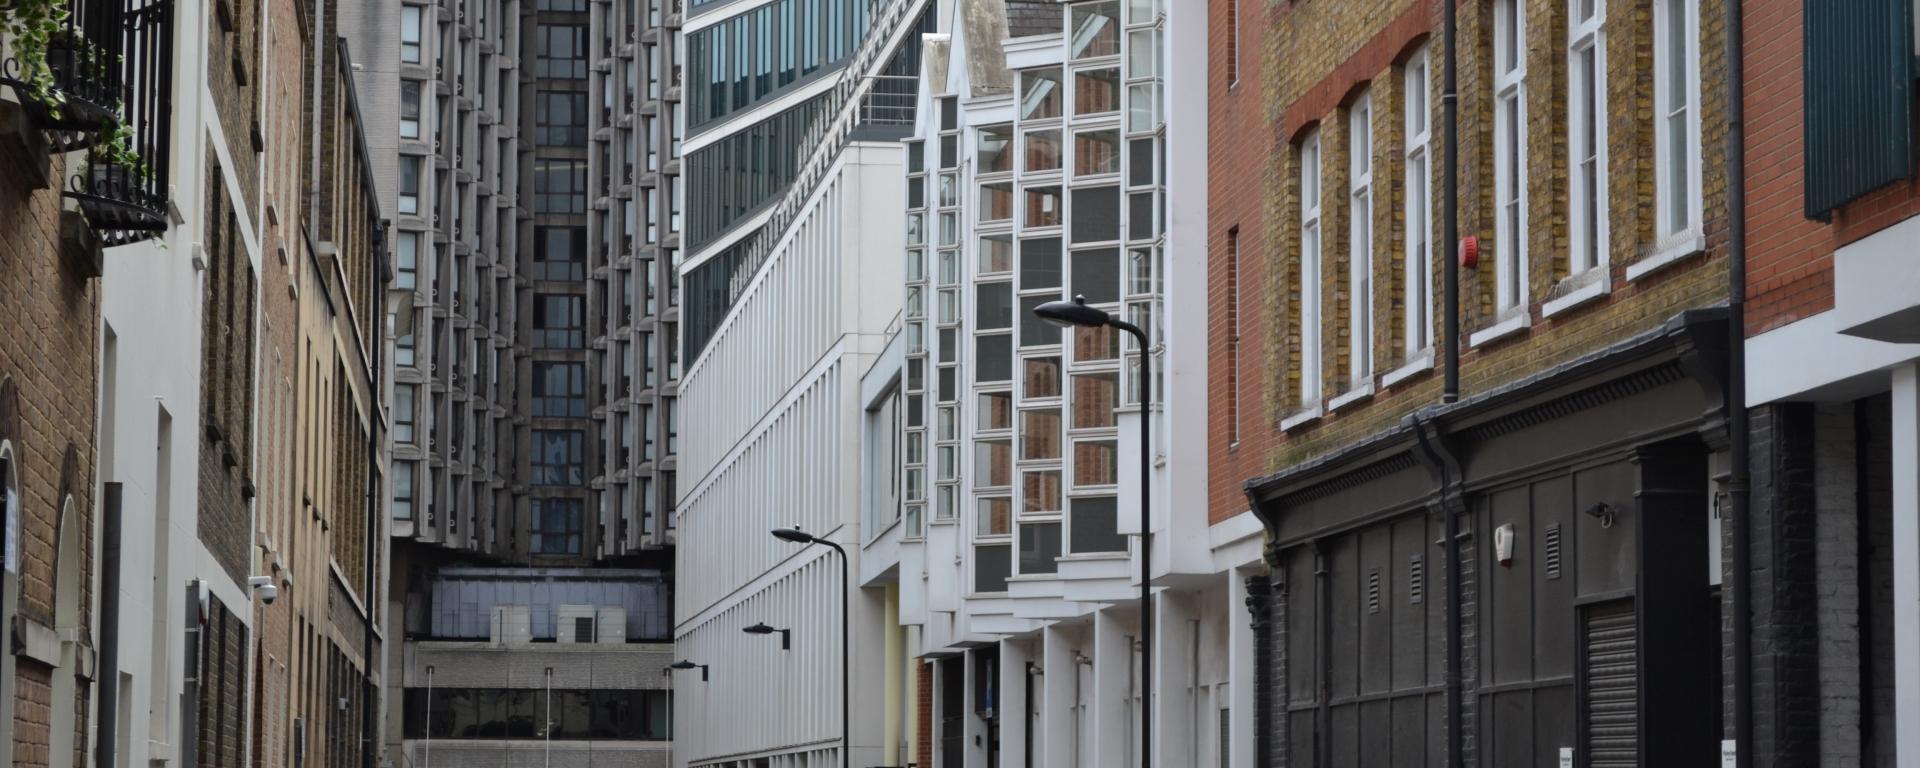 Morwell Street, Bloomsbury London